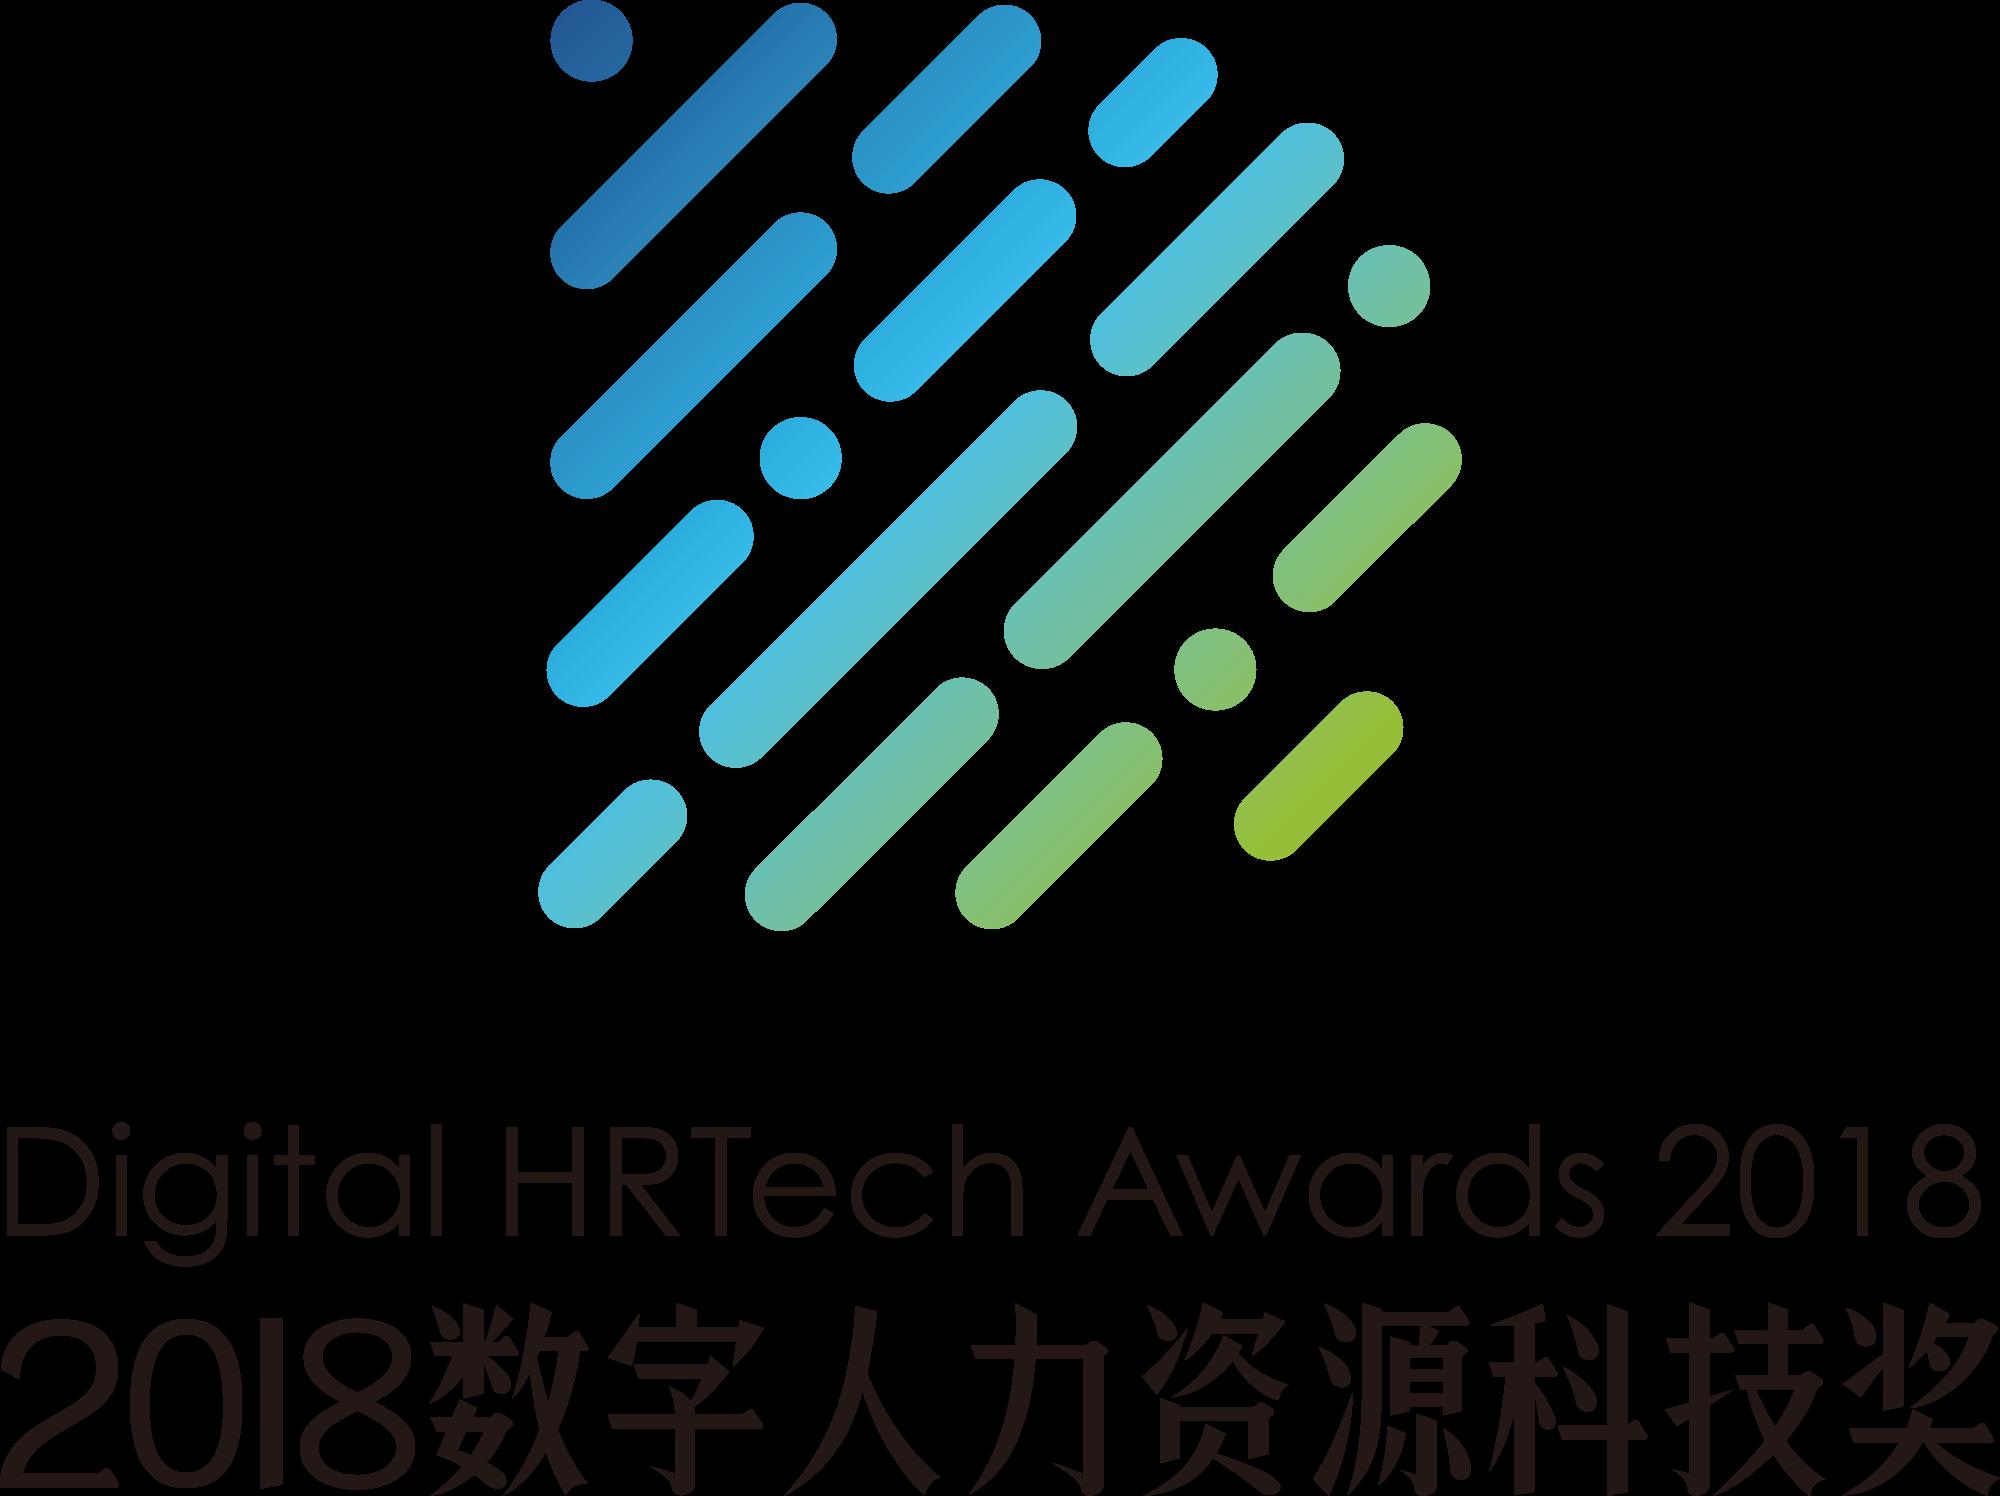 2018 数字人力资源科技奖(Digital HRTech Awards 2018) 评选活动正式启动